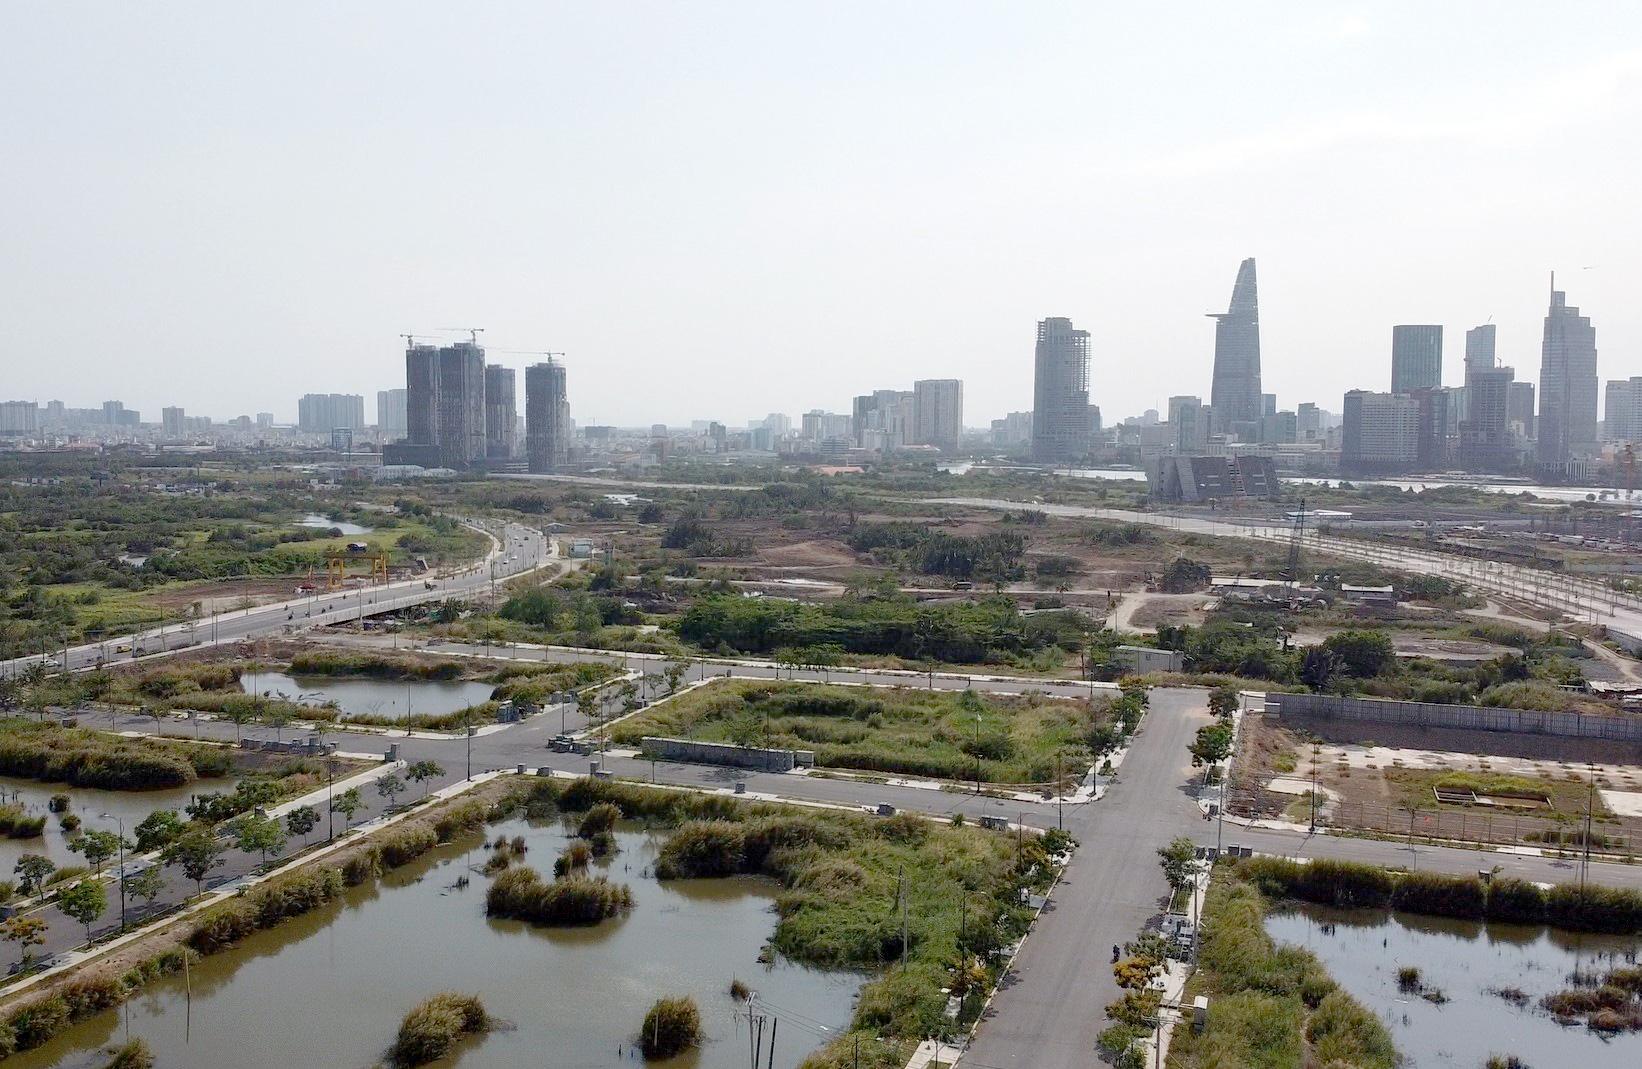 Toàn cảnh dự án Khu dân cư phía Bắc ở Thủ Thiêm của CII vừa được TP HCM cho tiếp tục triển khai - Ảnh 3.